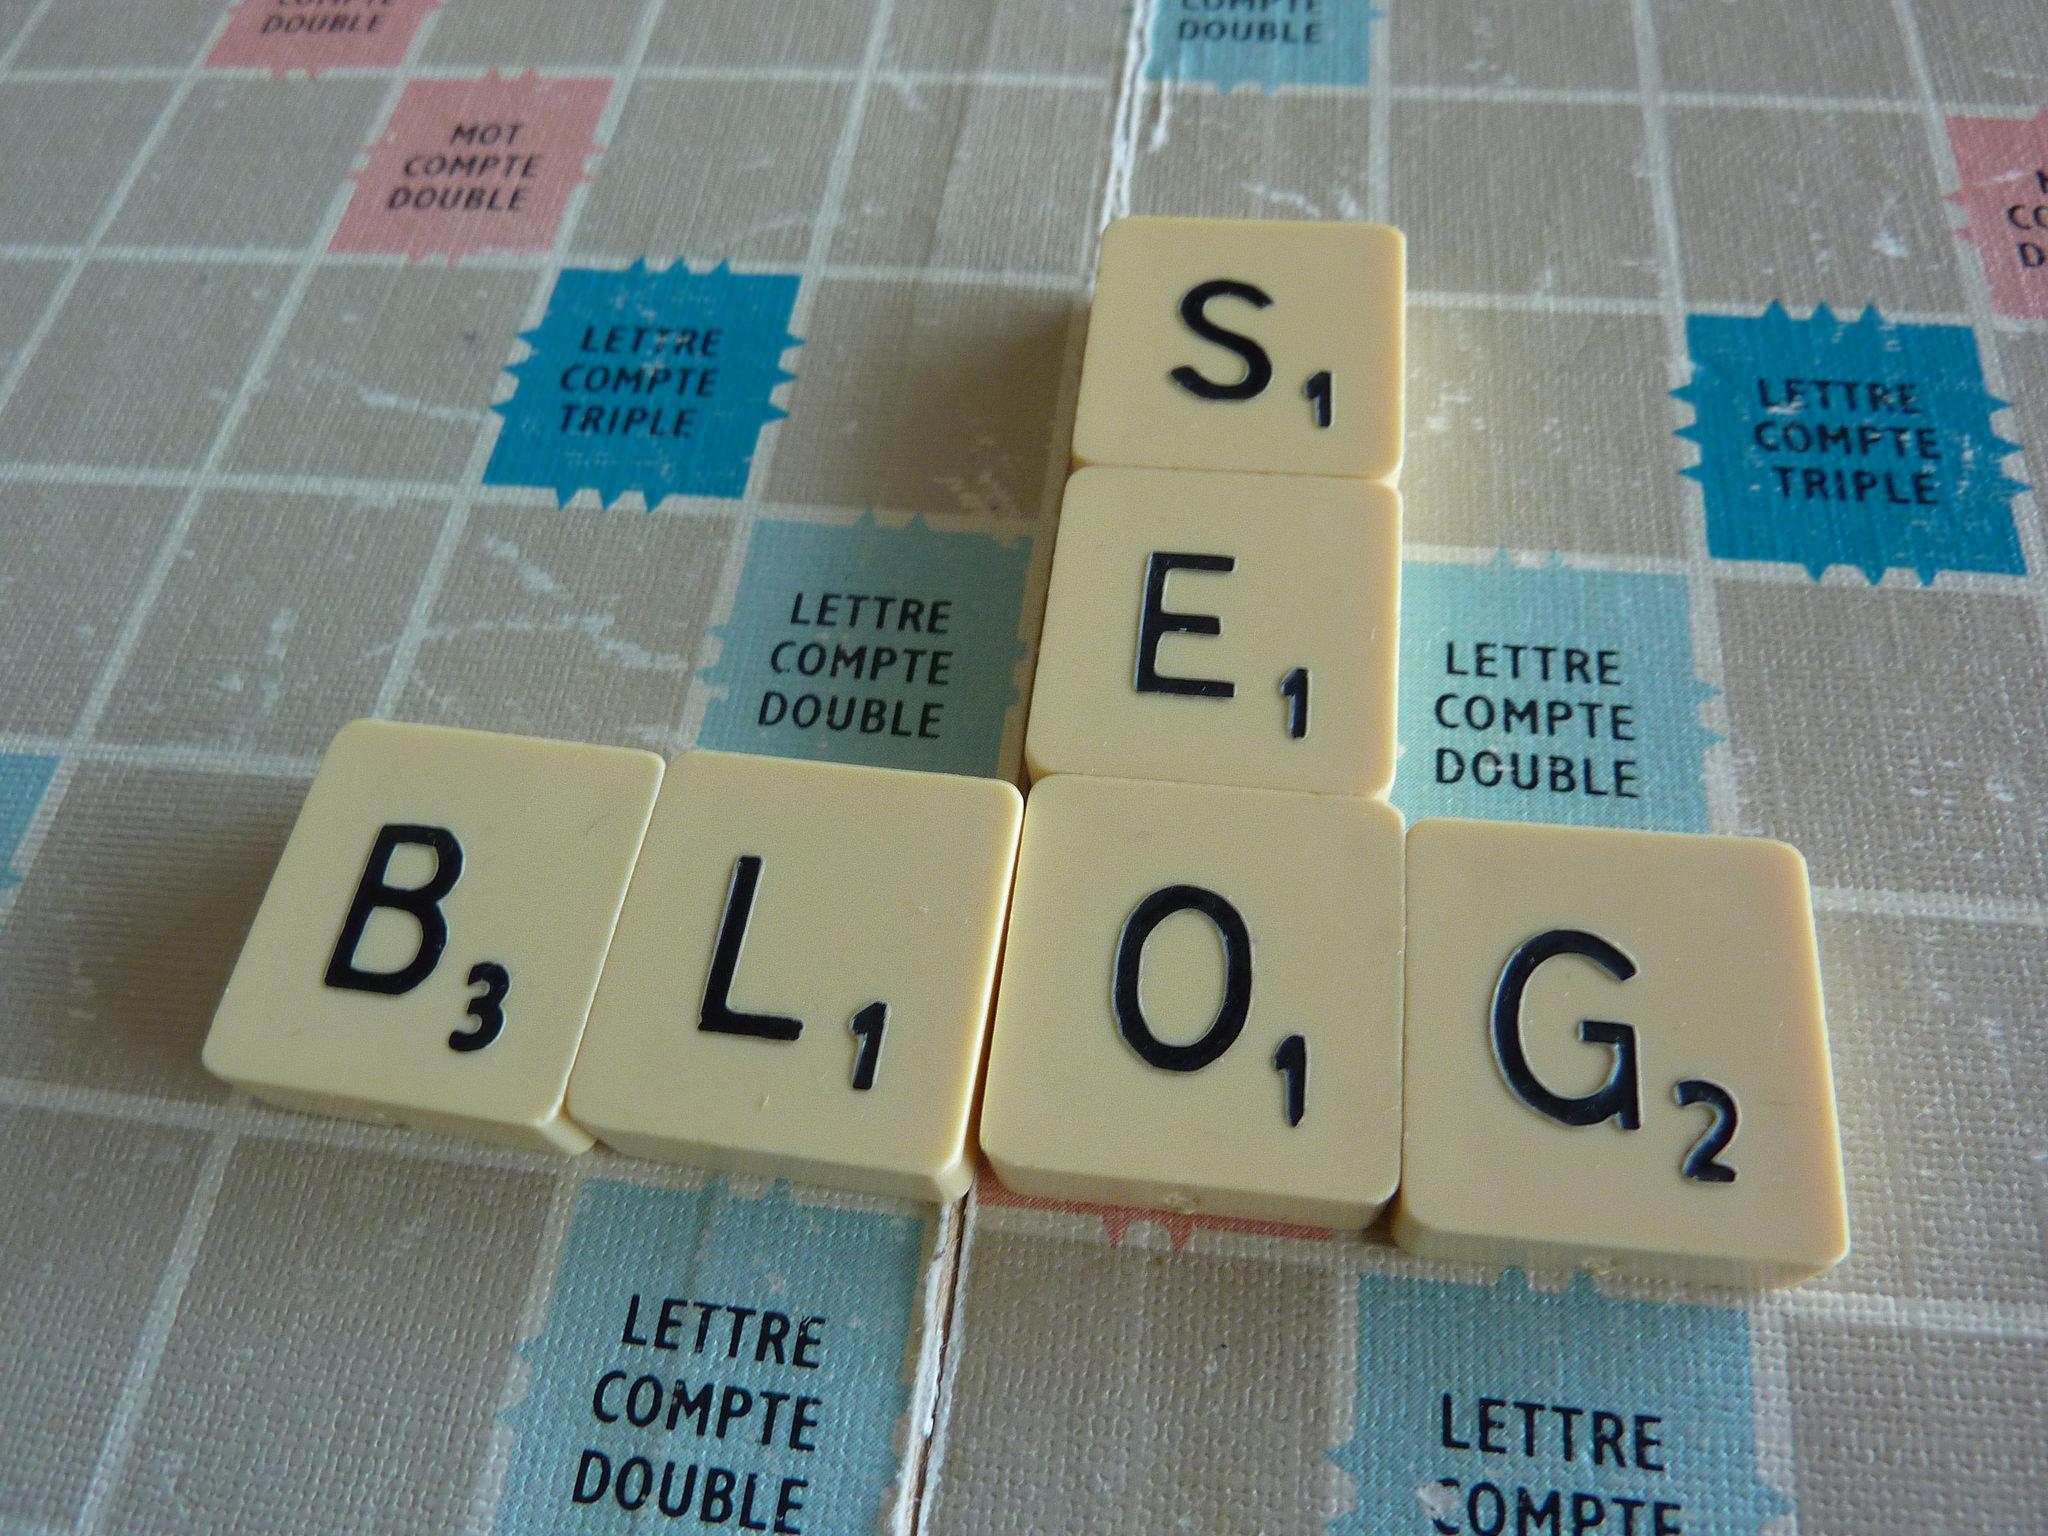 Le blogue : un outil pertinent pour votre entreprise